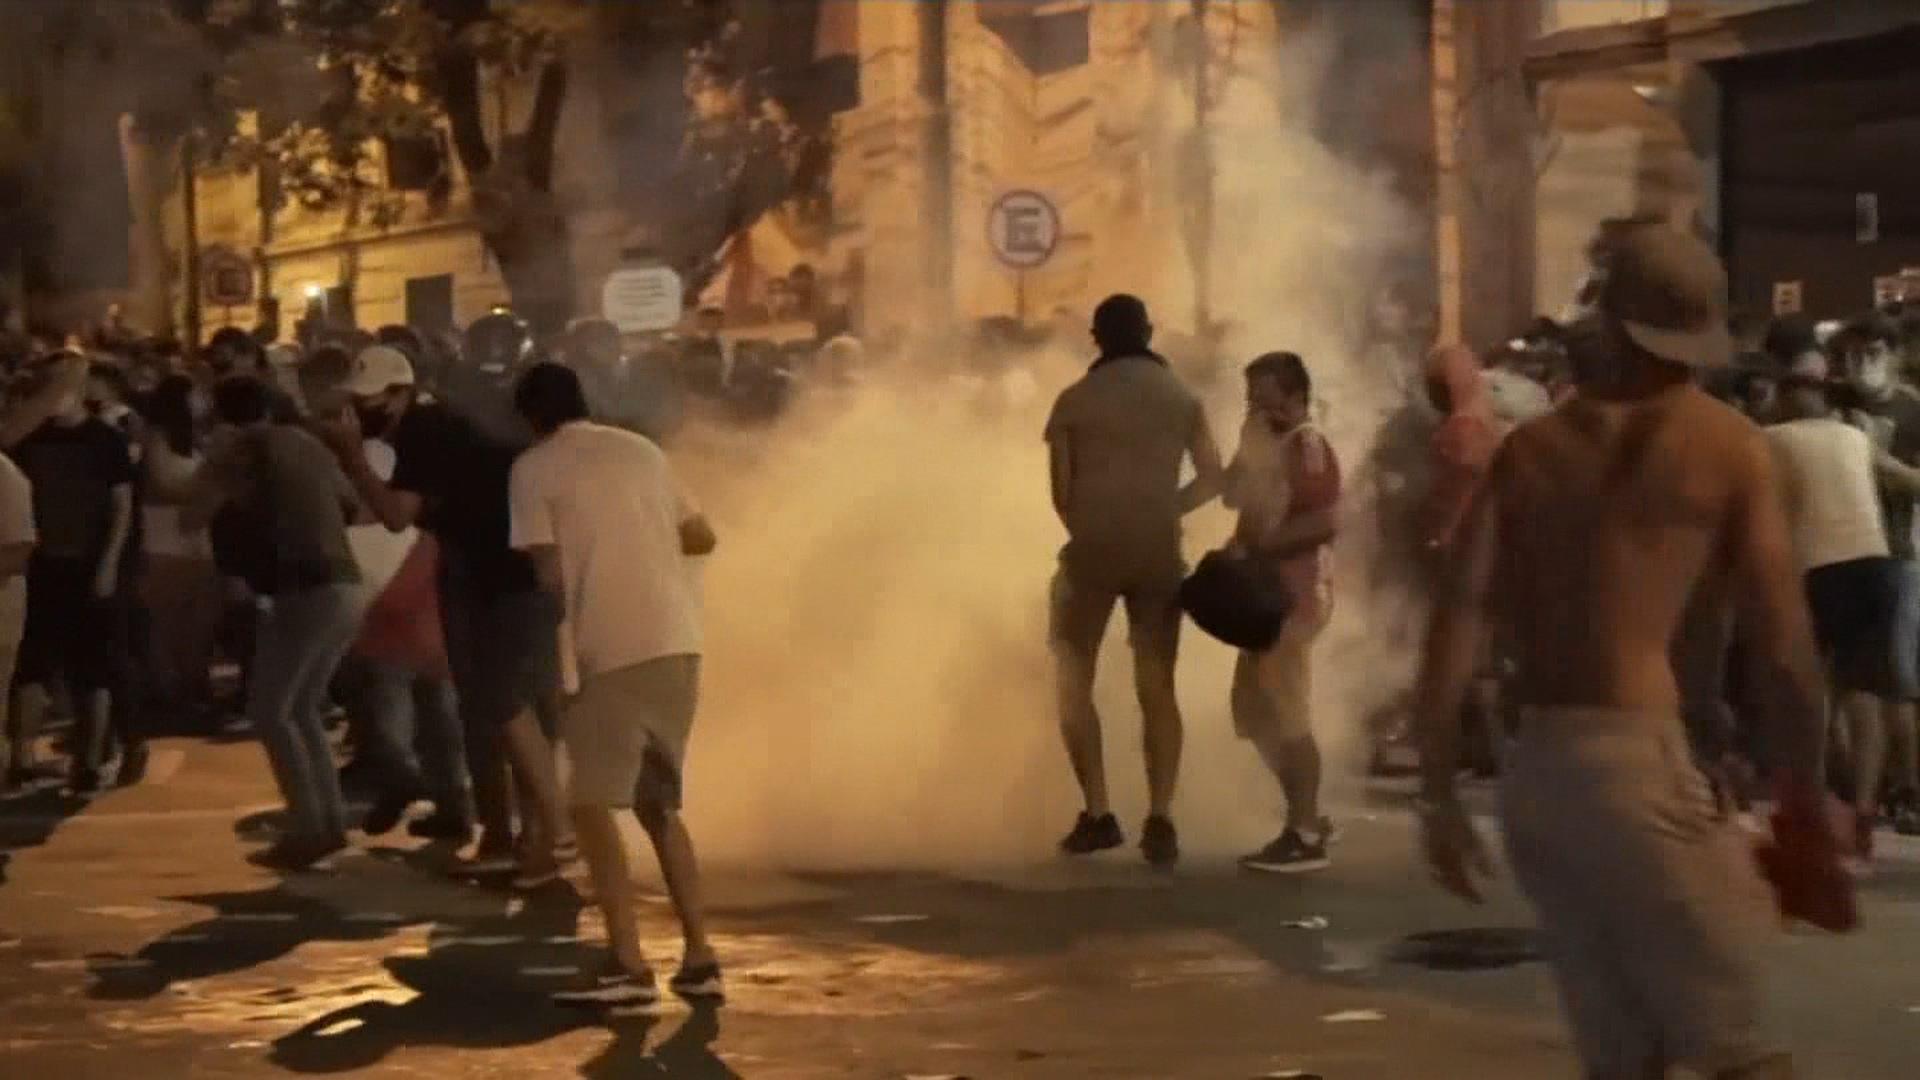 巴拉圭防疫不力 民怒擲石、警催淚彈鎮壓! 首都淪戰場